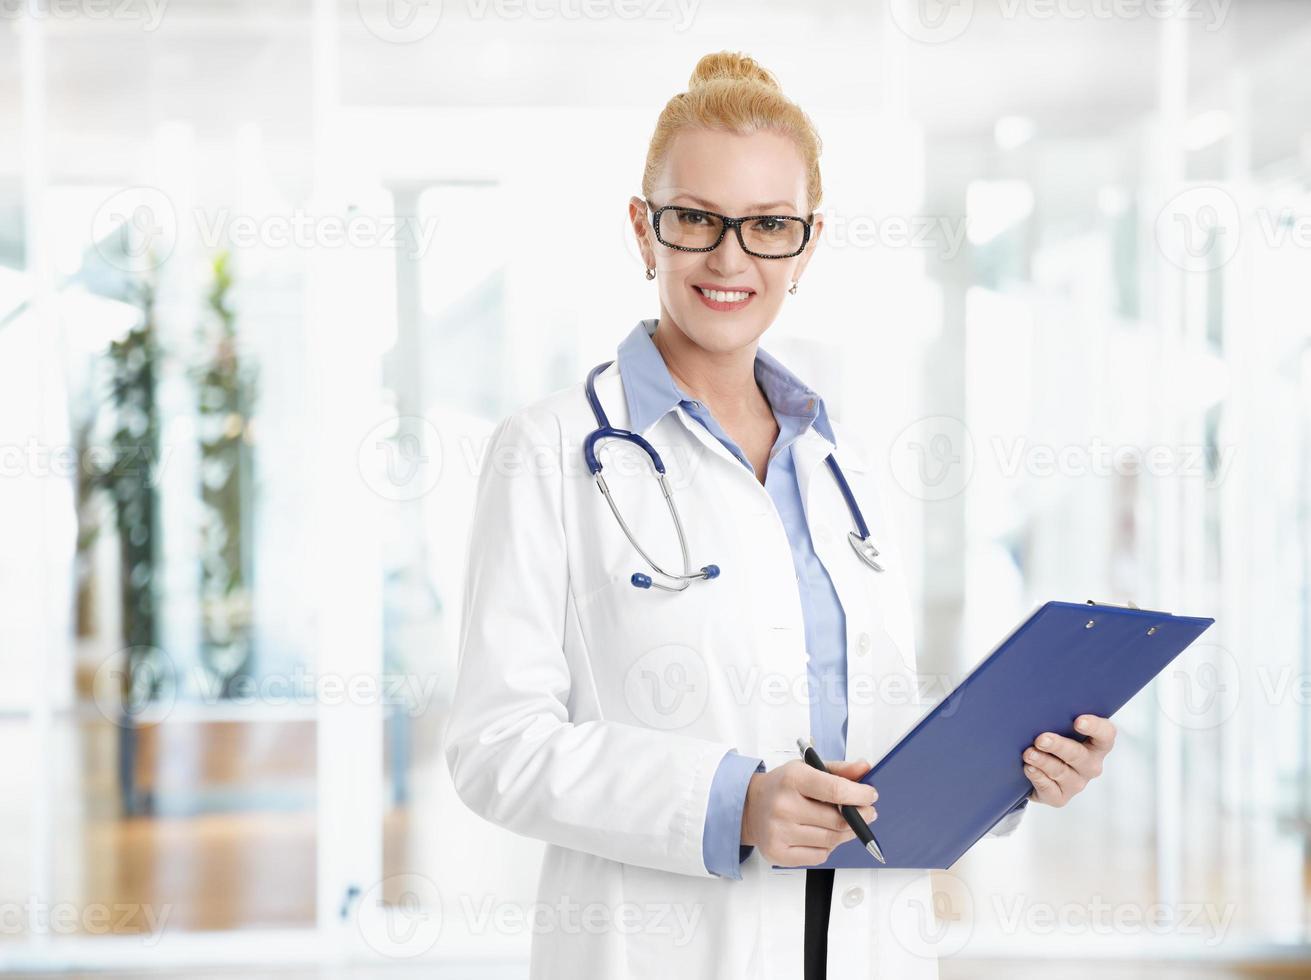 Ärztin Porträt foto